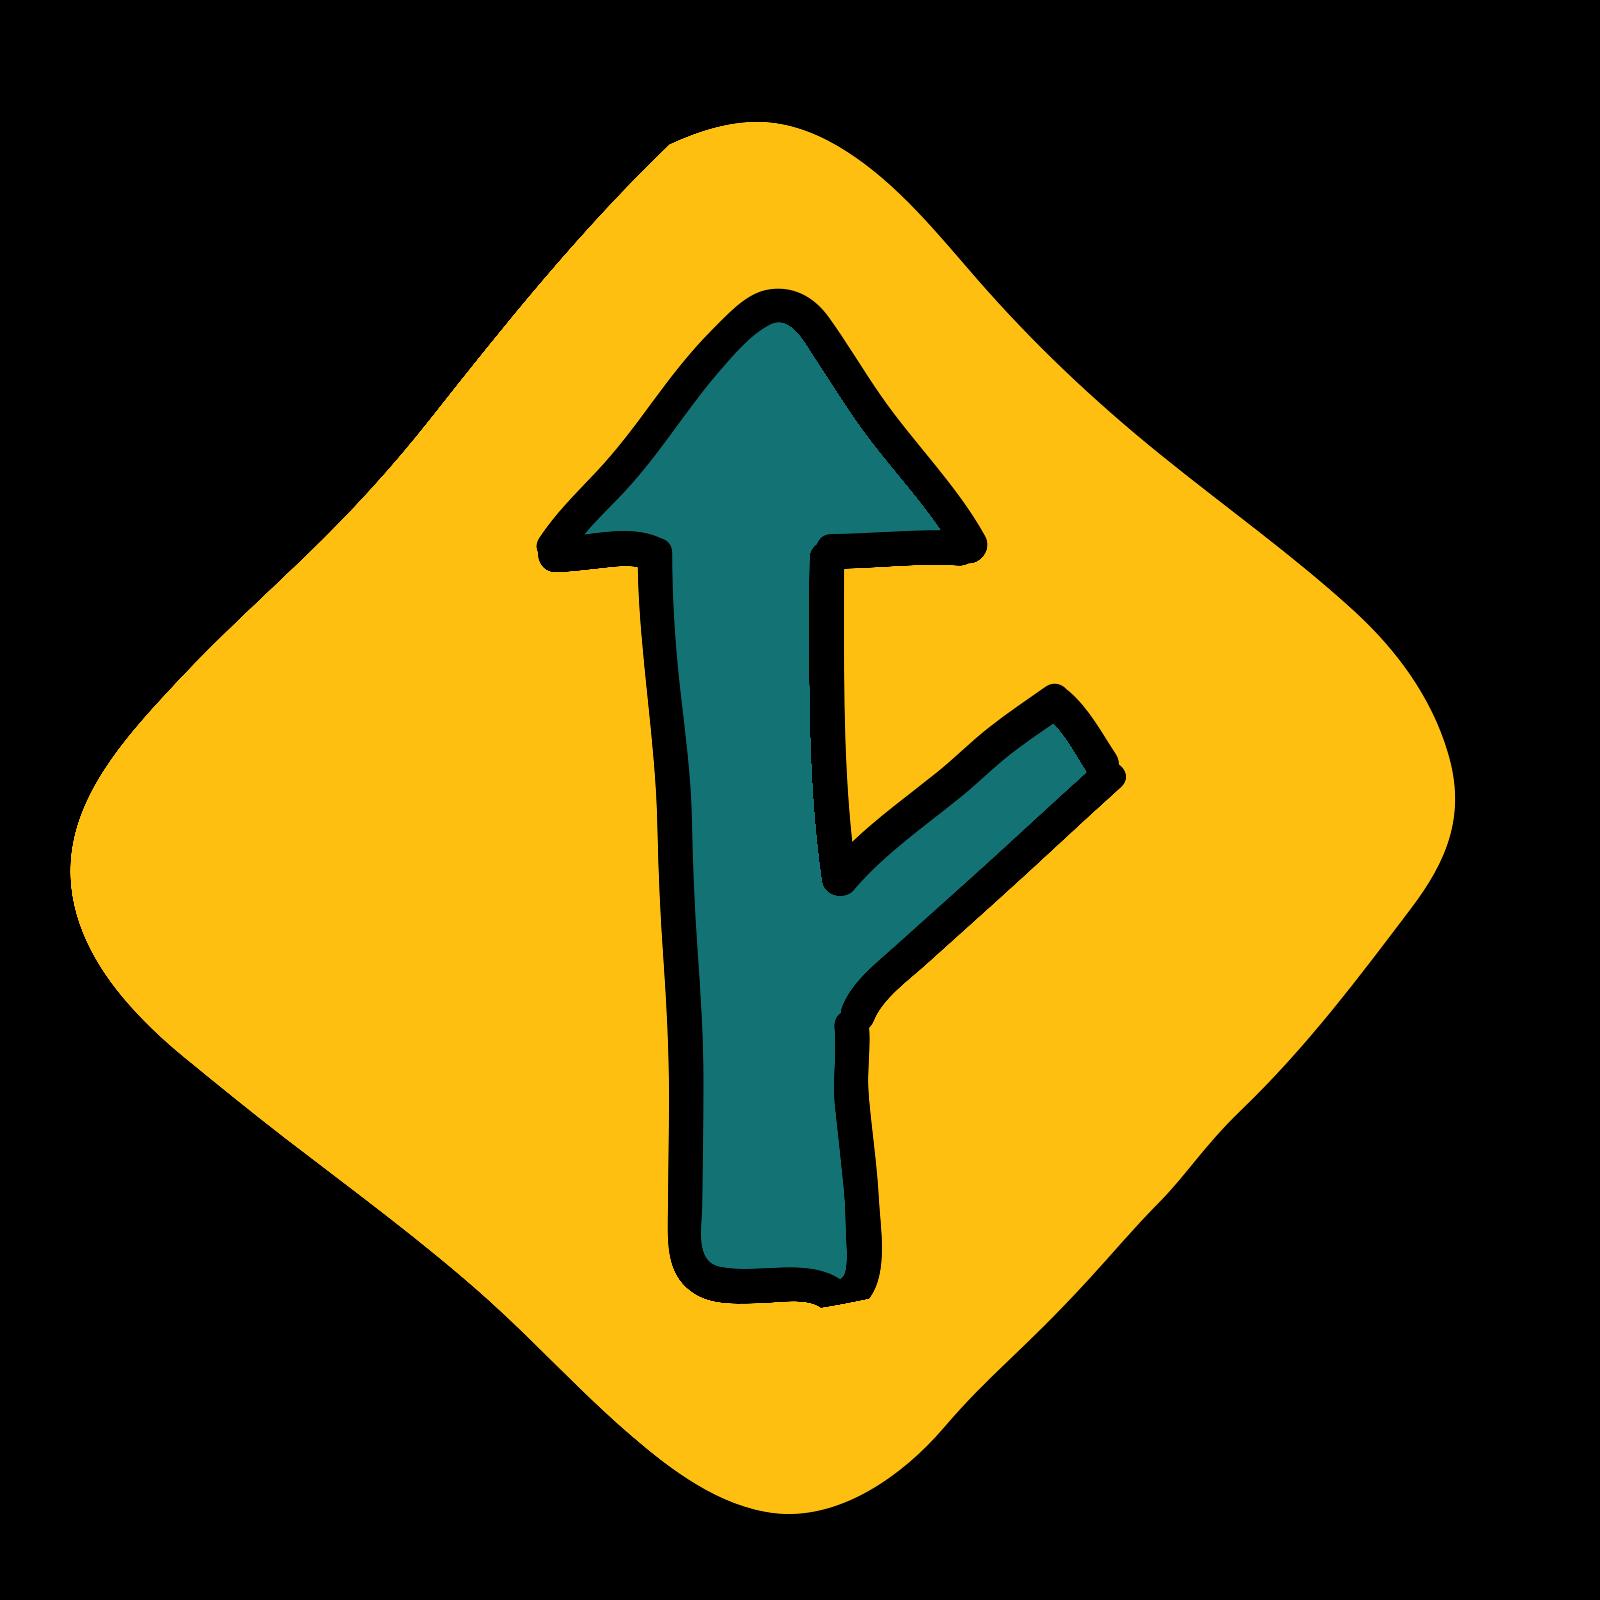 Road Exit icon